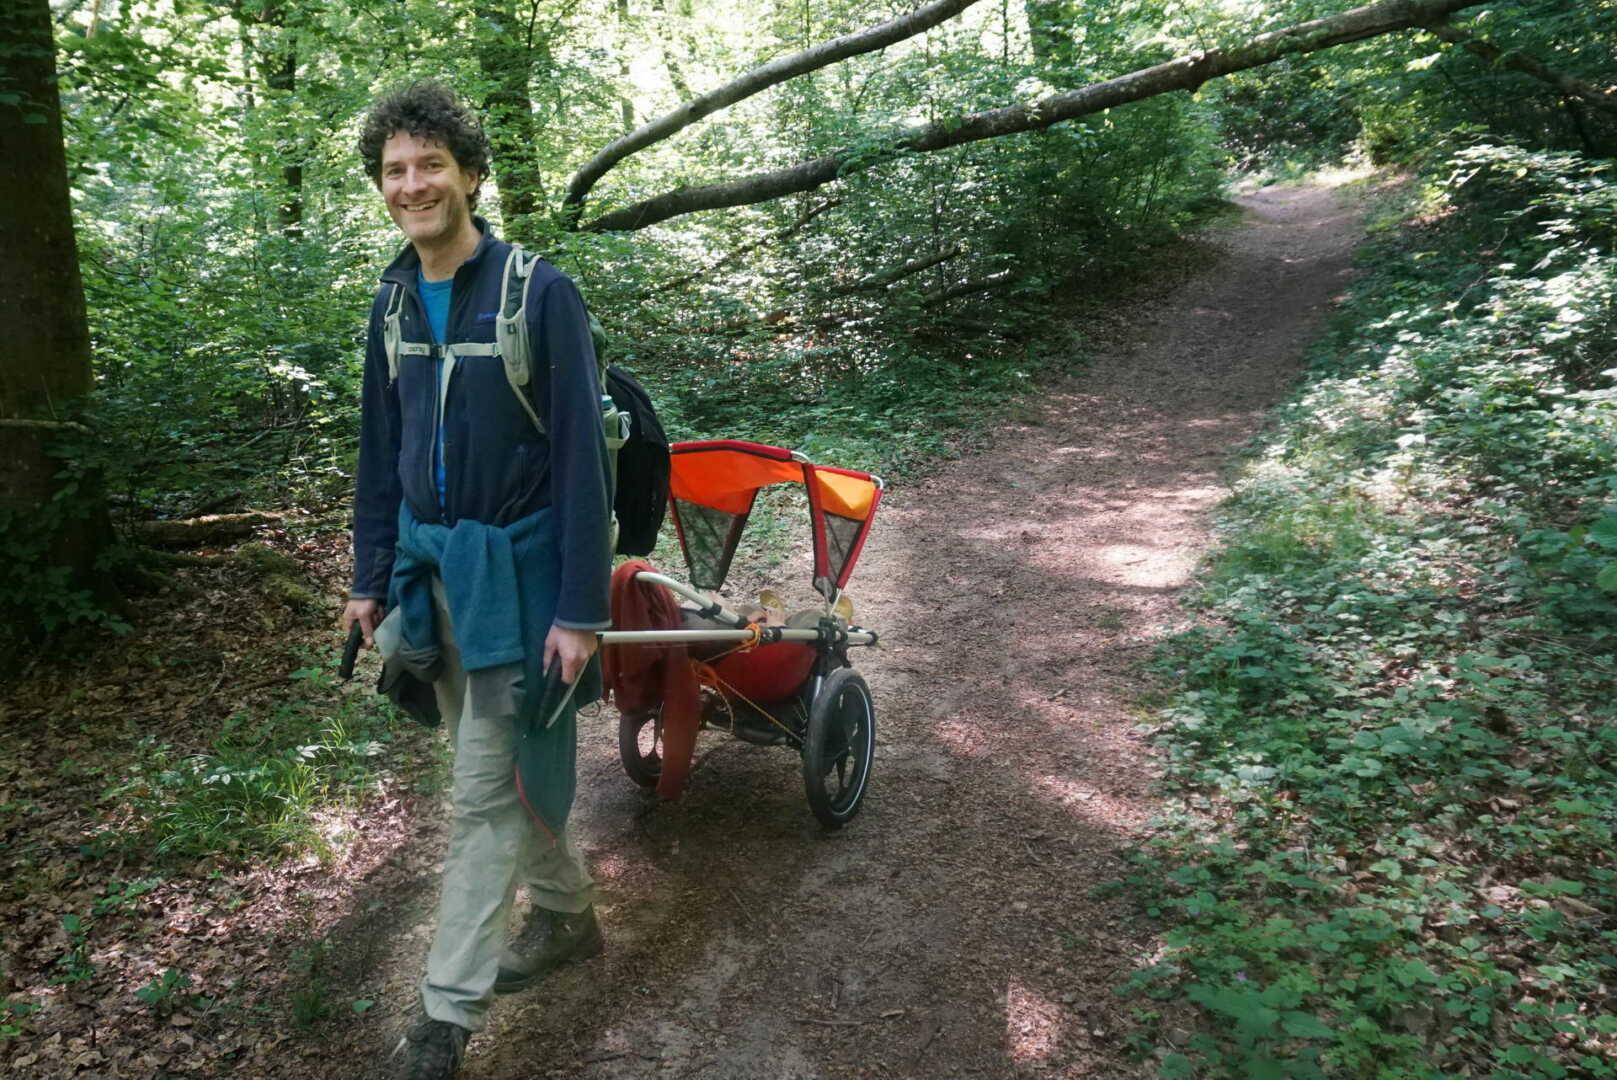 Patrick Heck zieht den Hike Kid durch den Wald